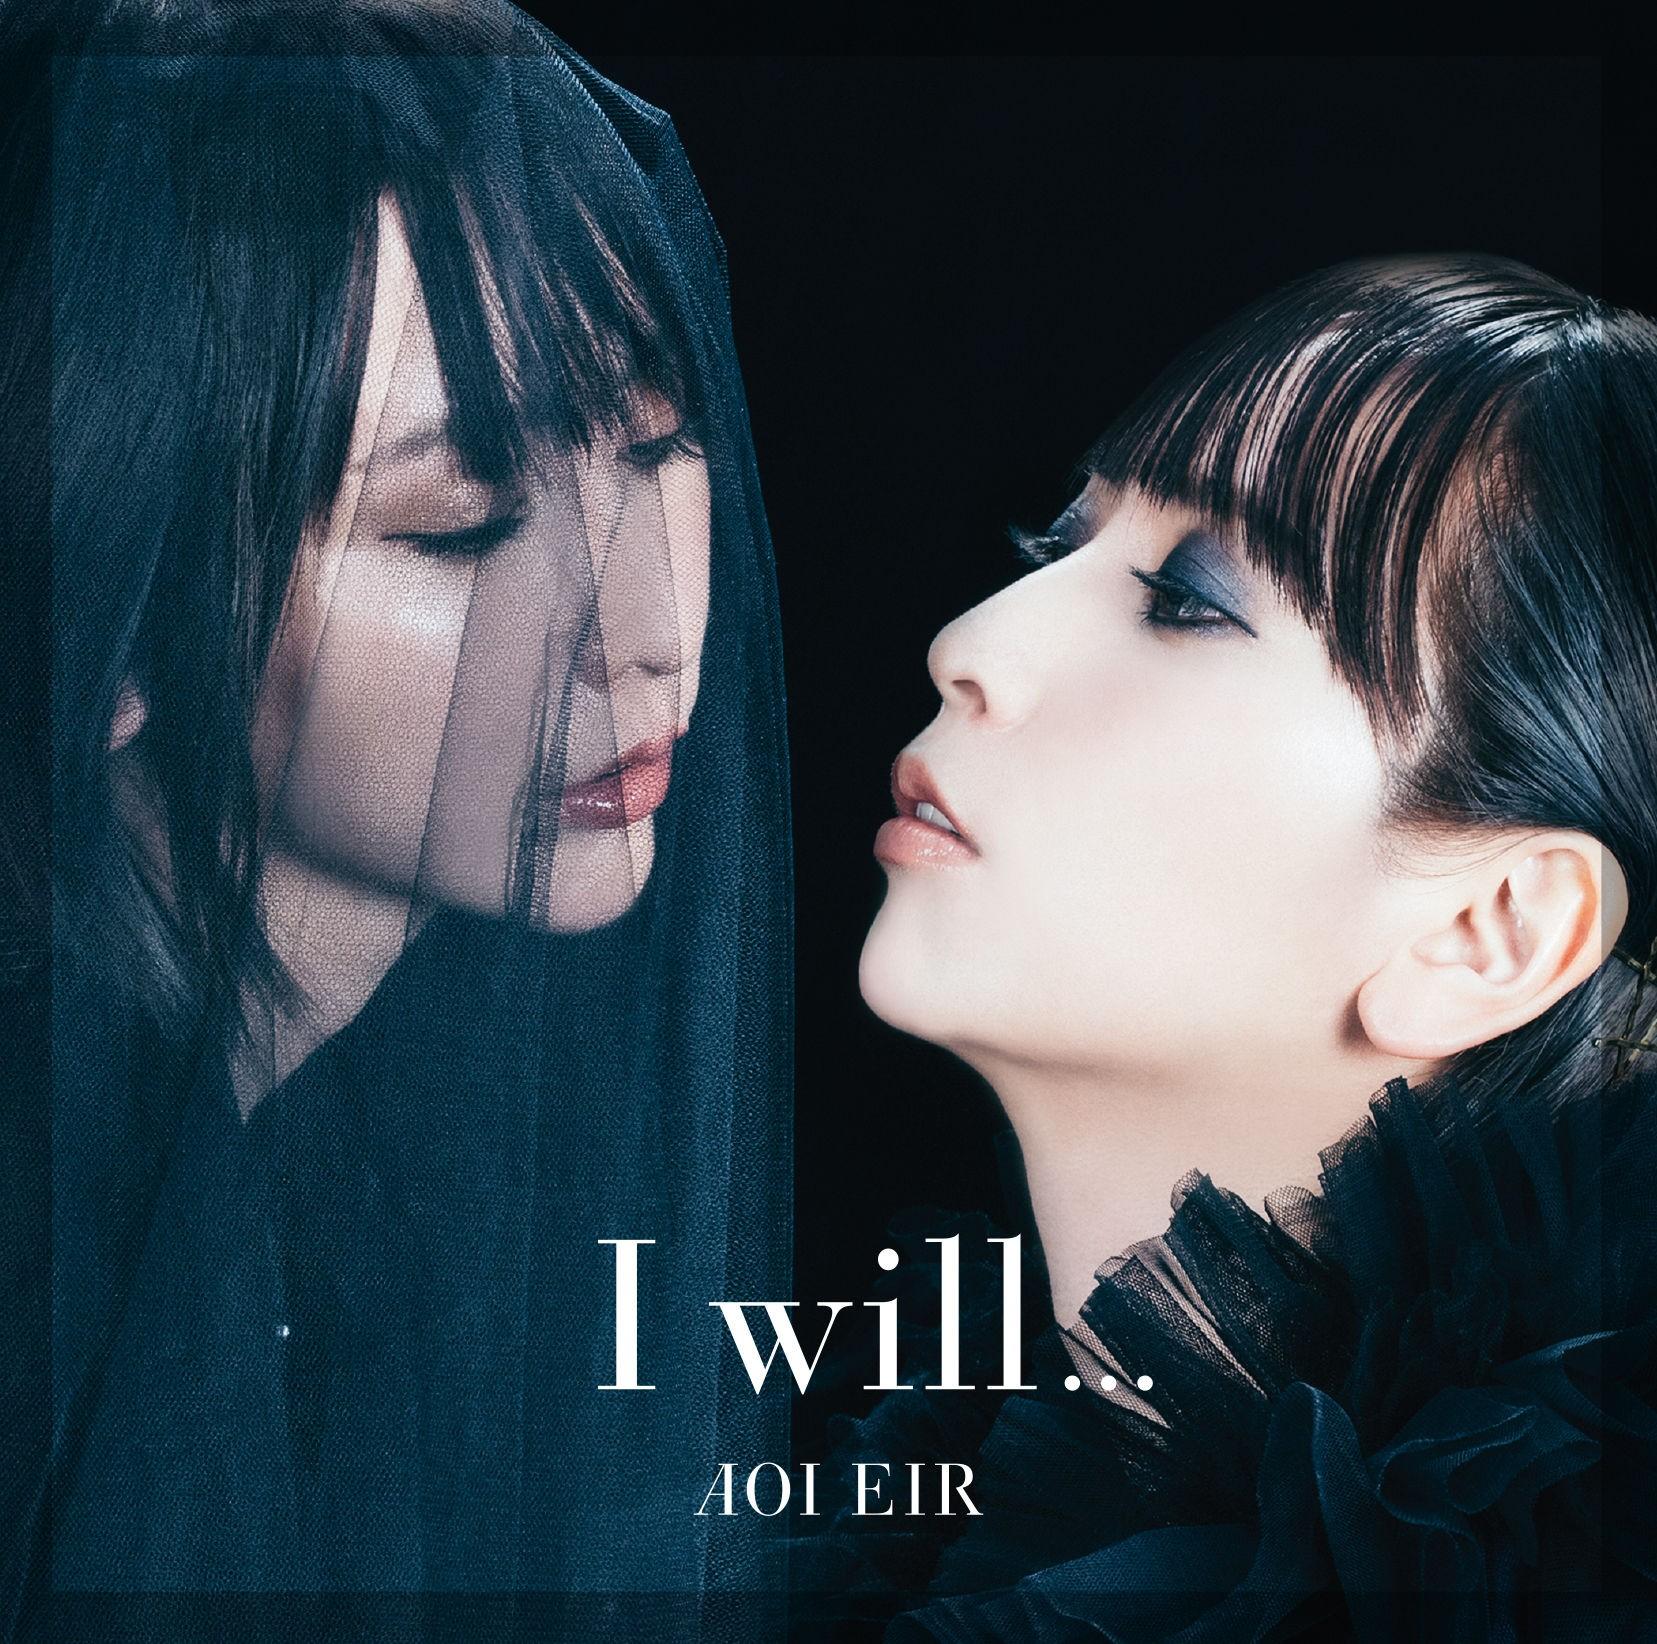 藍井エイル (Eir Aoi) – I will… [FLAC / 24bit Lossless / WEB] [2020.08.12]